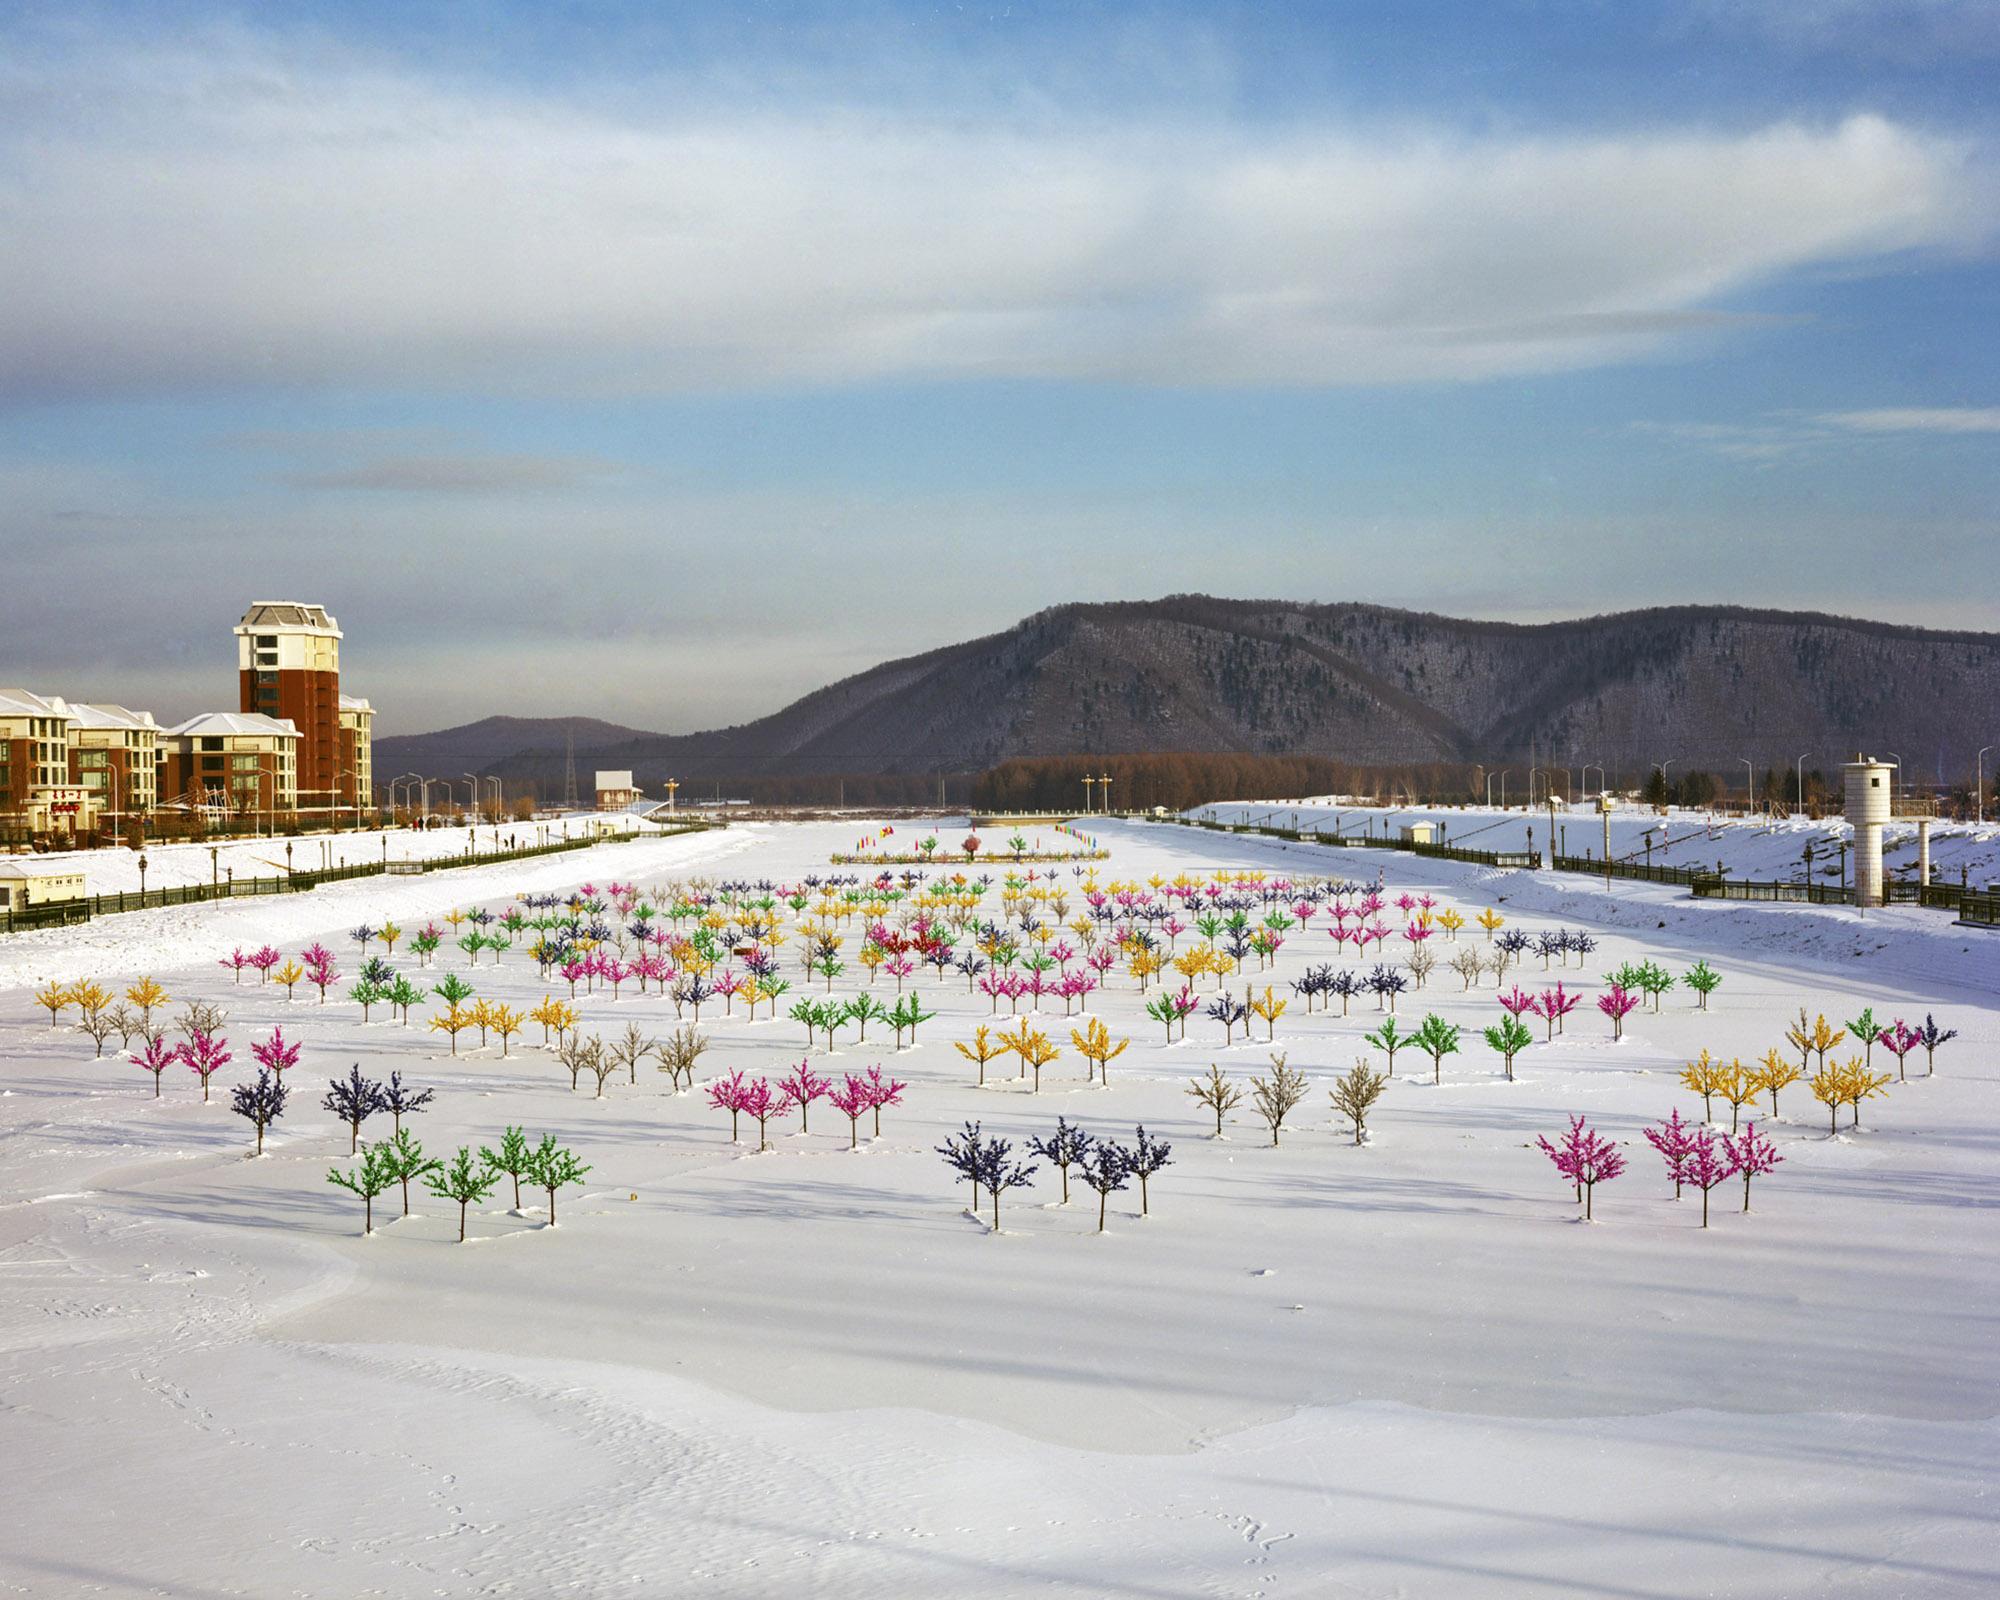 chen-ronghui-photography-of-china-Freezing Land  02.jpg